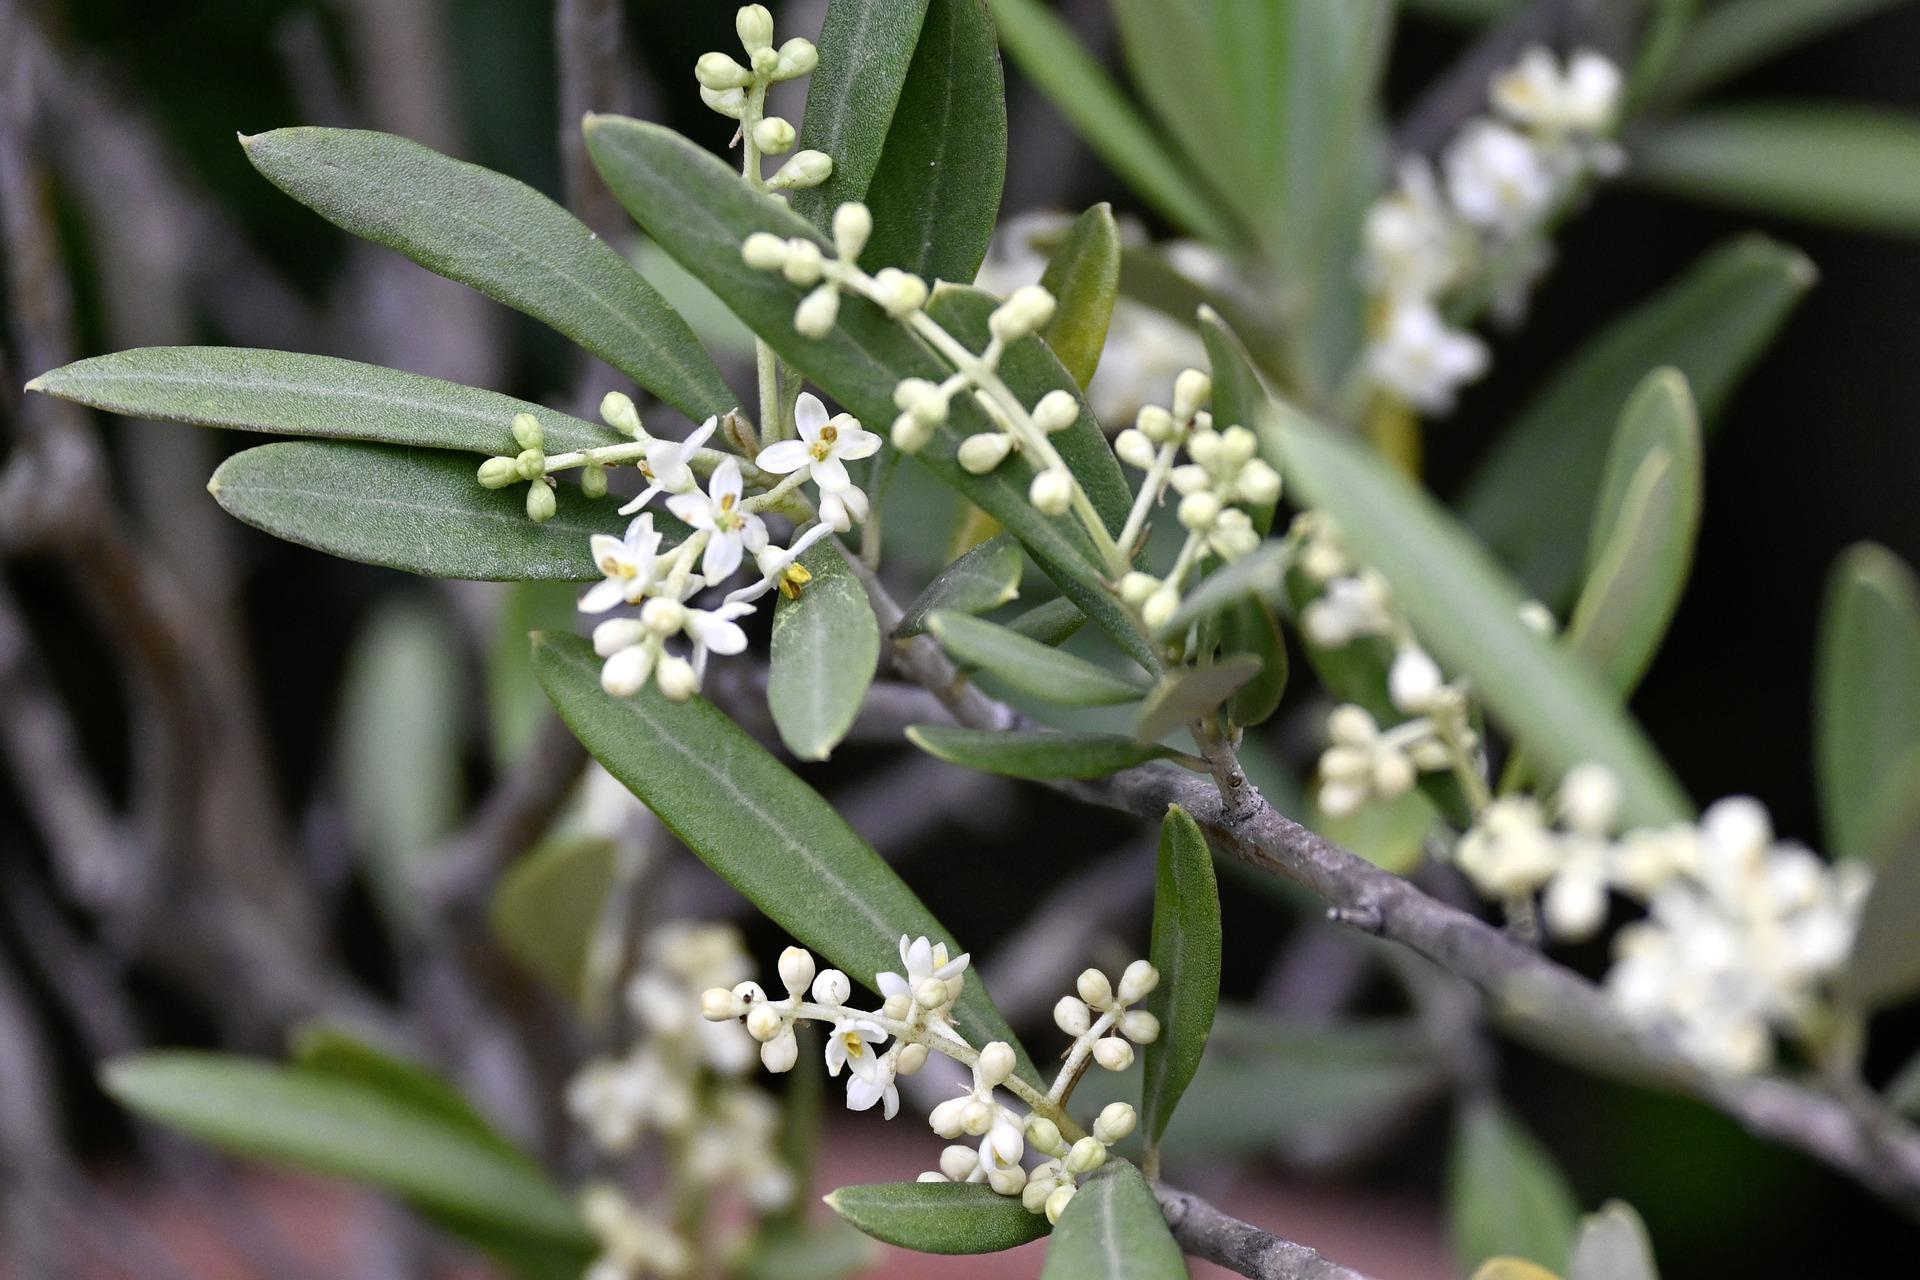 Olijfboom bloemen